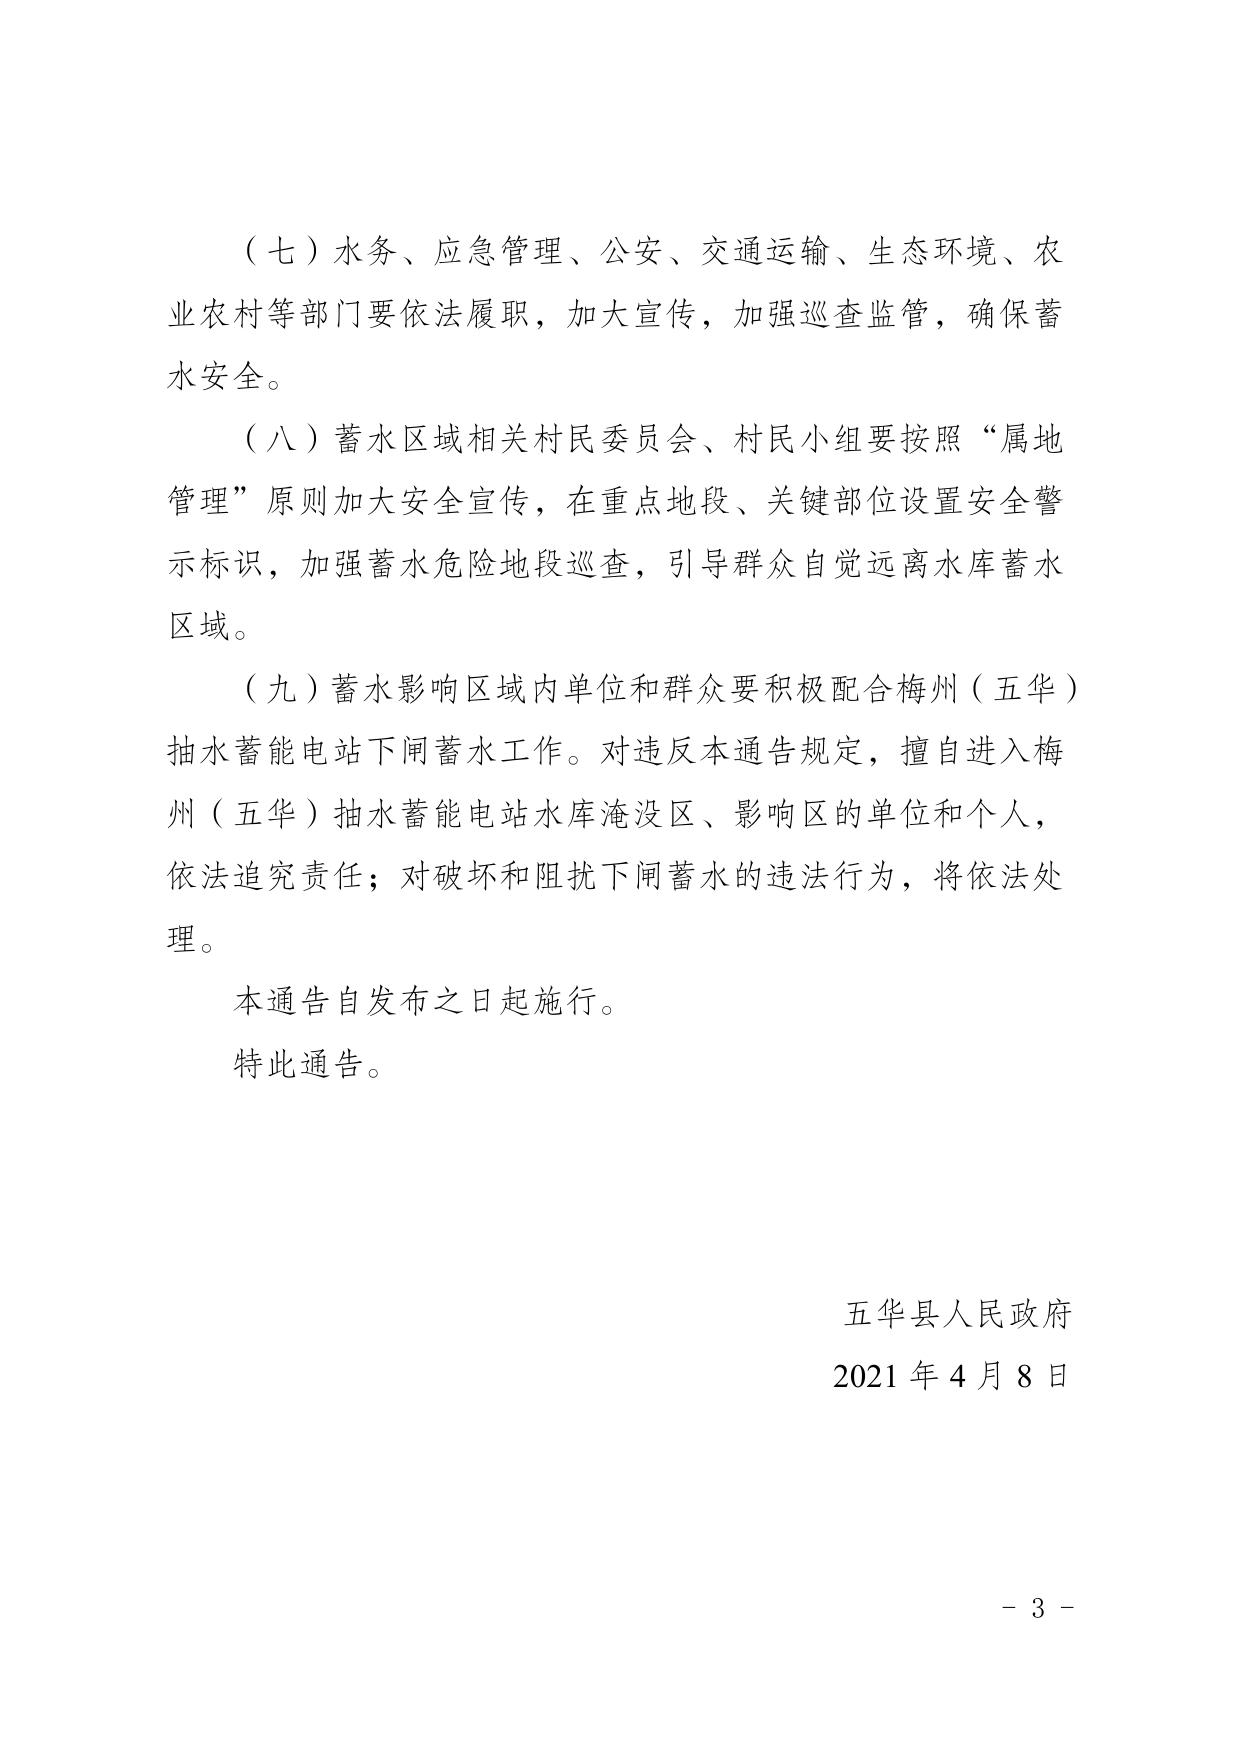 华府〔2021〕7号 关于梅州(五华)抽水蓄能电站下闸蓄水的通告0002.jpg